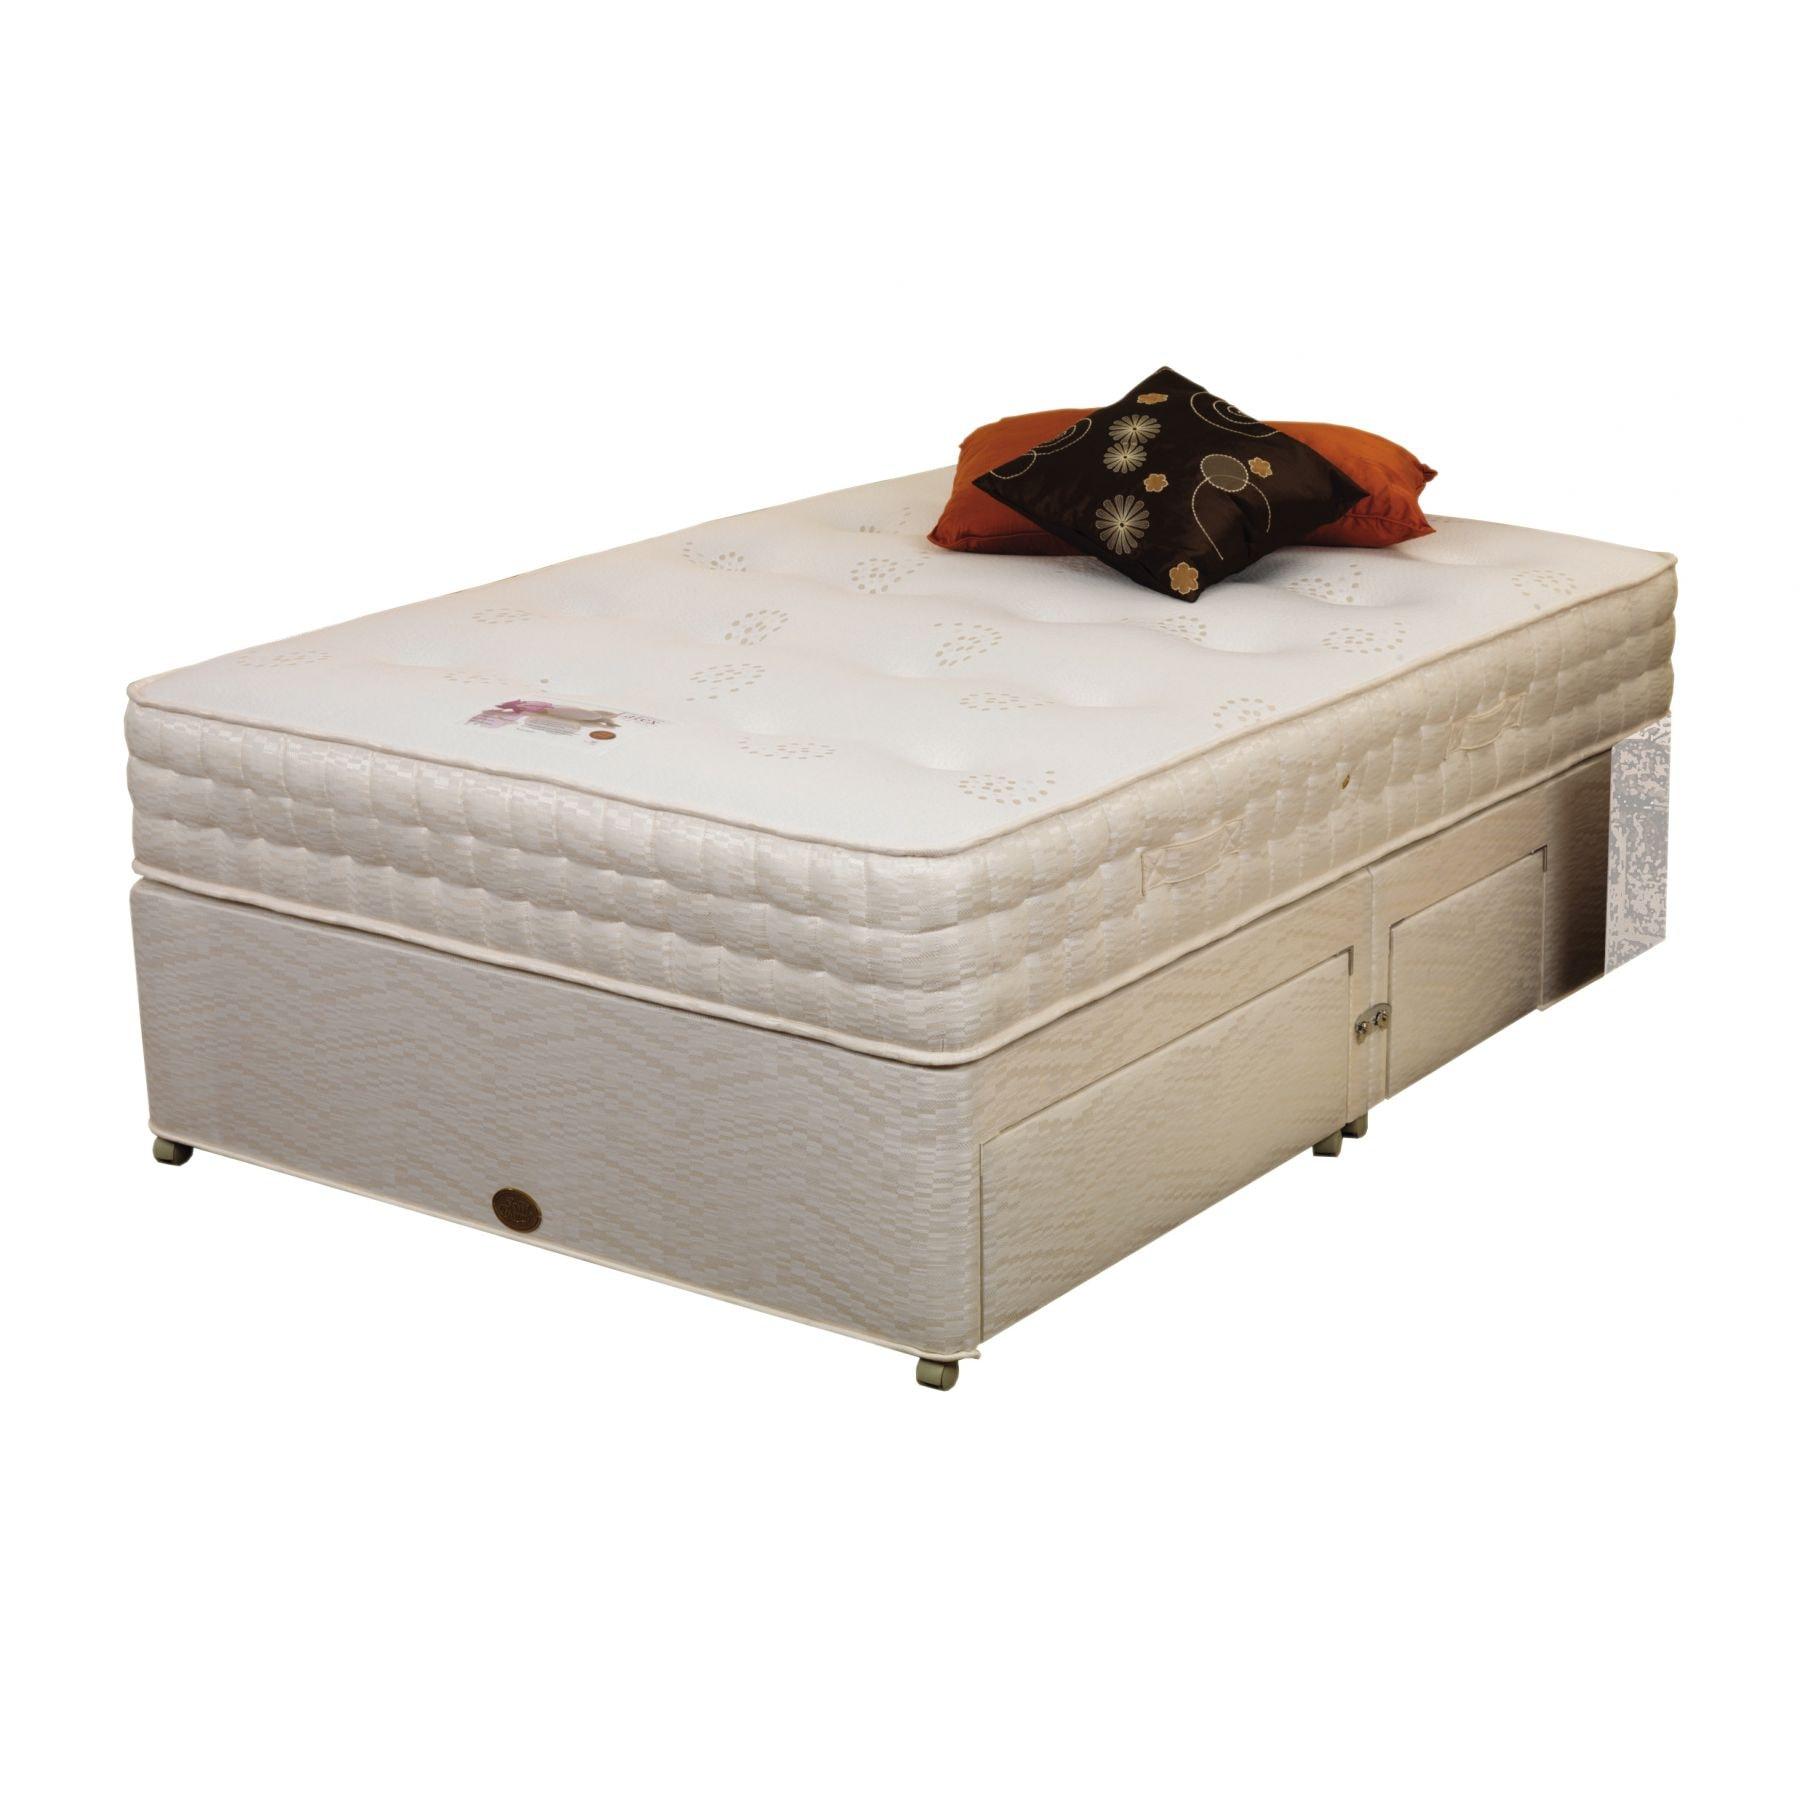 Latex dream divan base mattress for Divan mattress sale